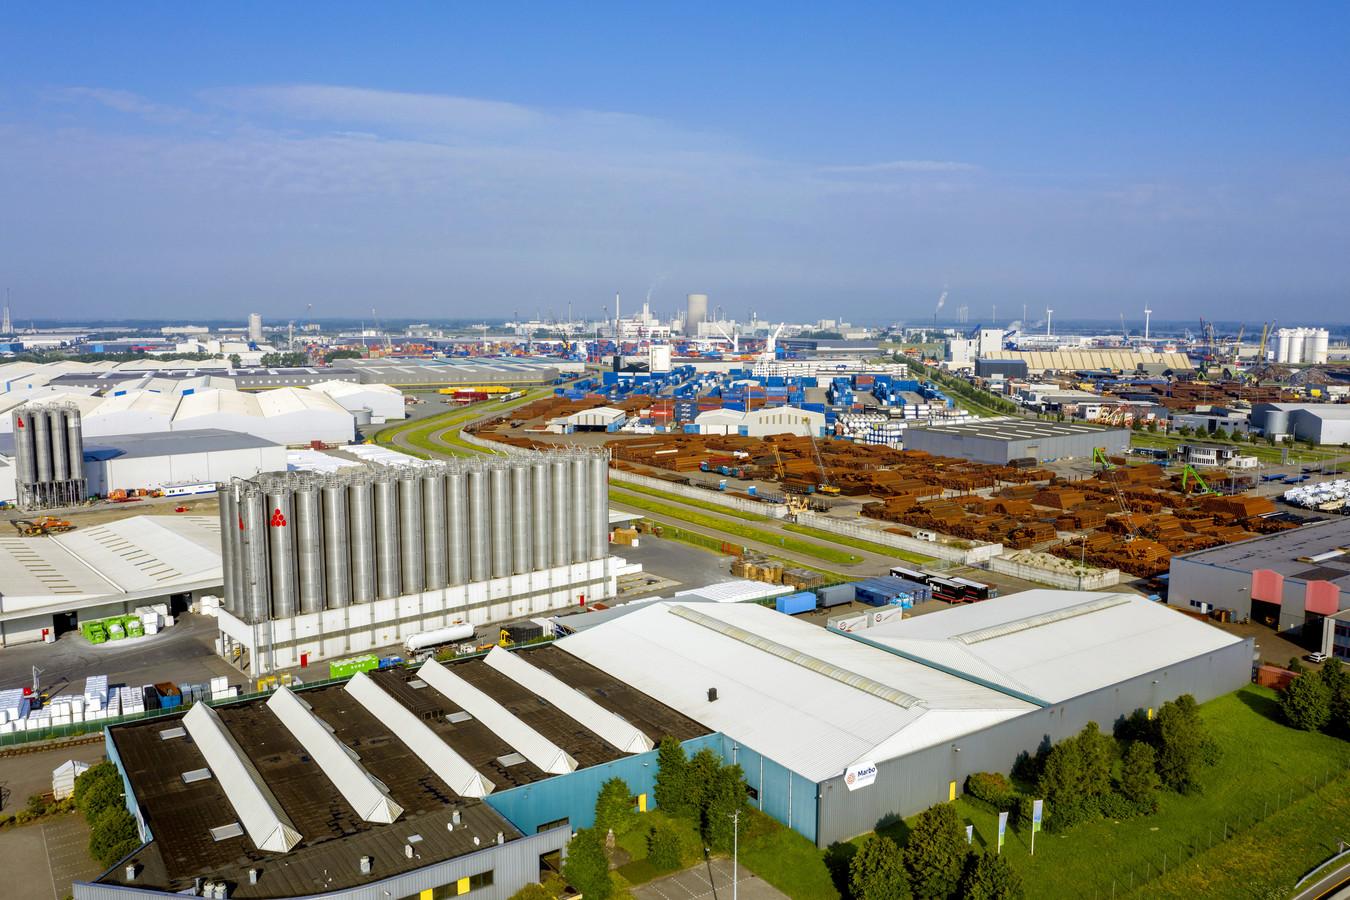 De industrie, zoals hier op Moerdijk, is sterk vertegenwoordigd in de regionale economie van West-Brabant. En juist die industrie heeft moeite om nu met corona de goede kant op gaat, weer op te krabbelen.